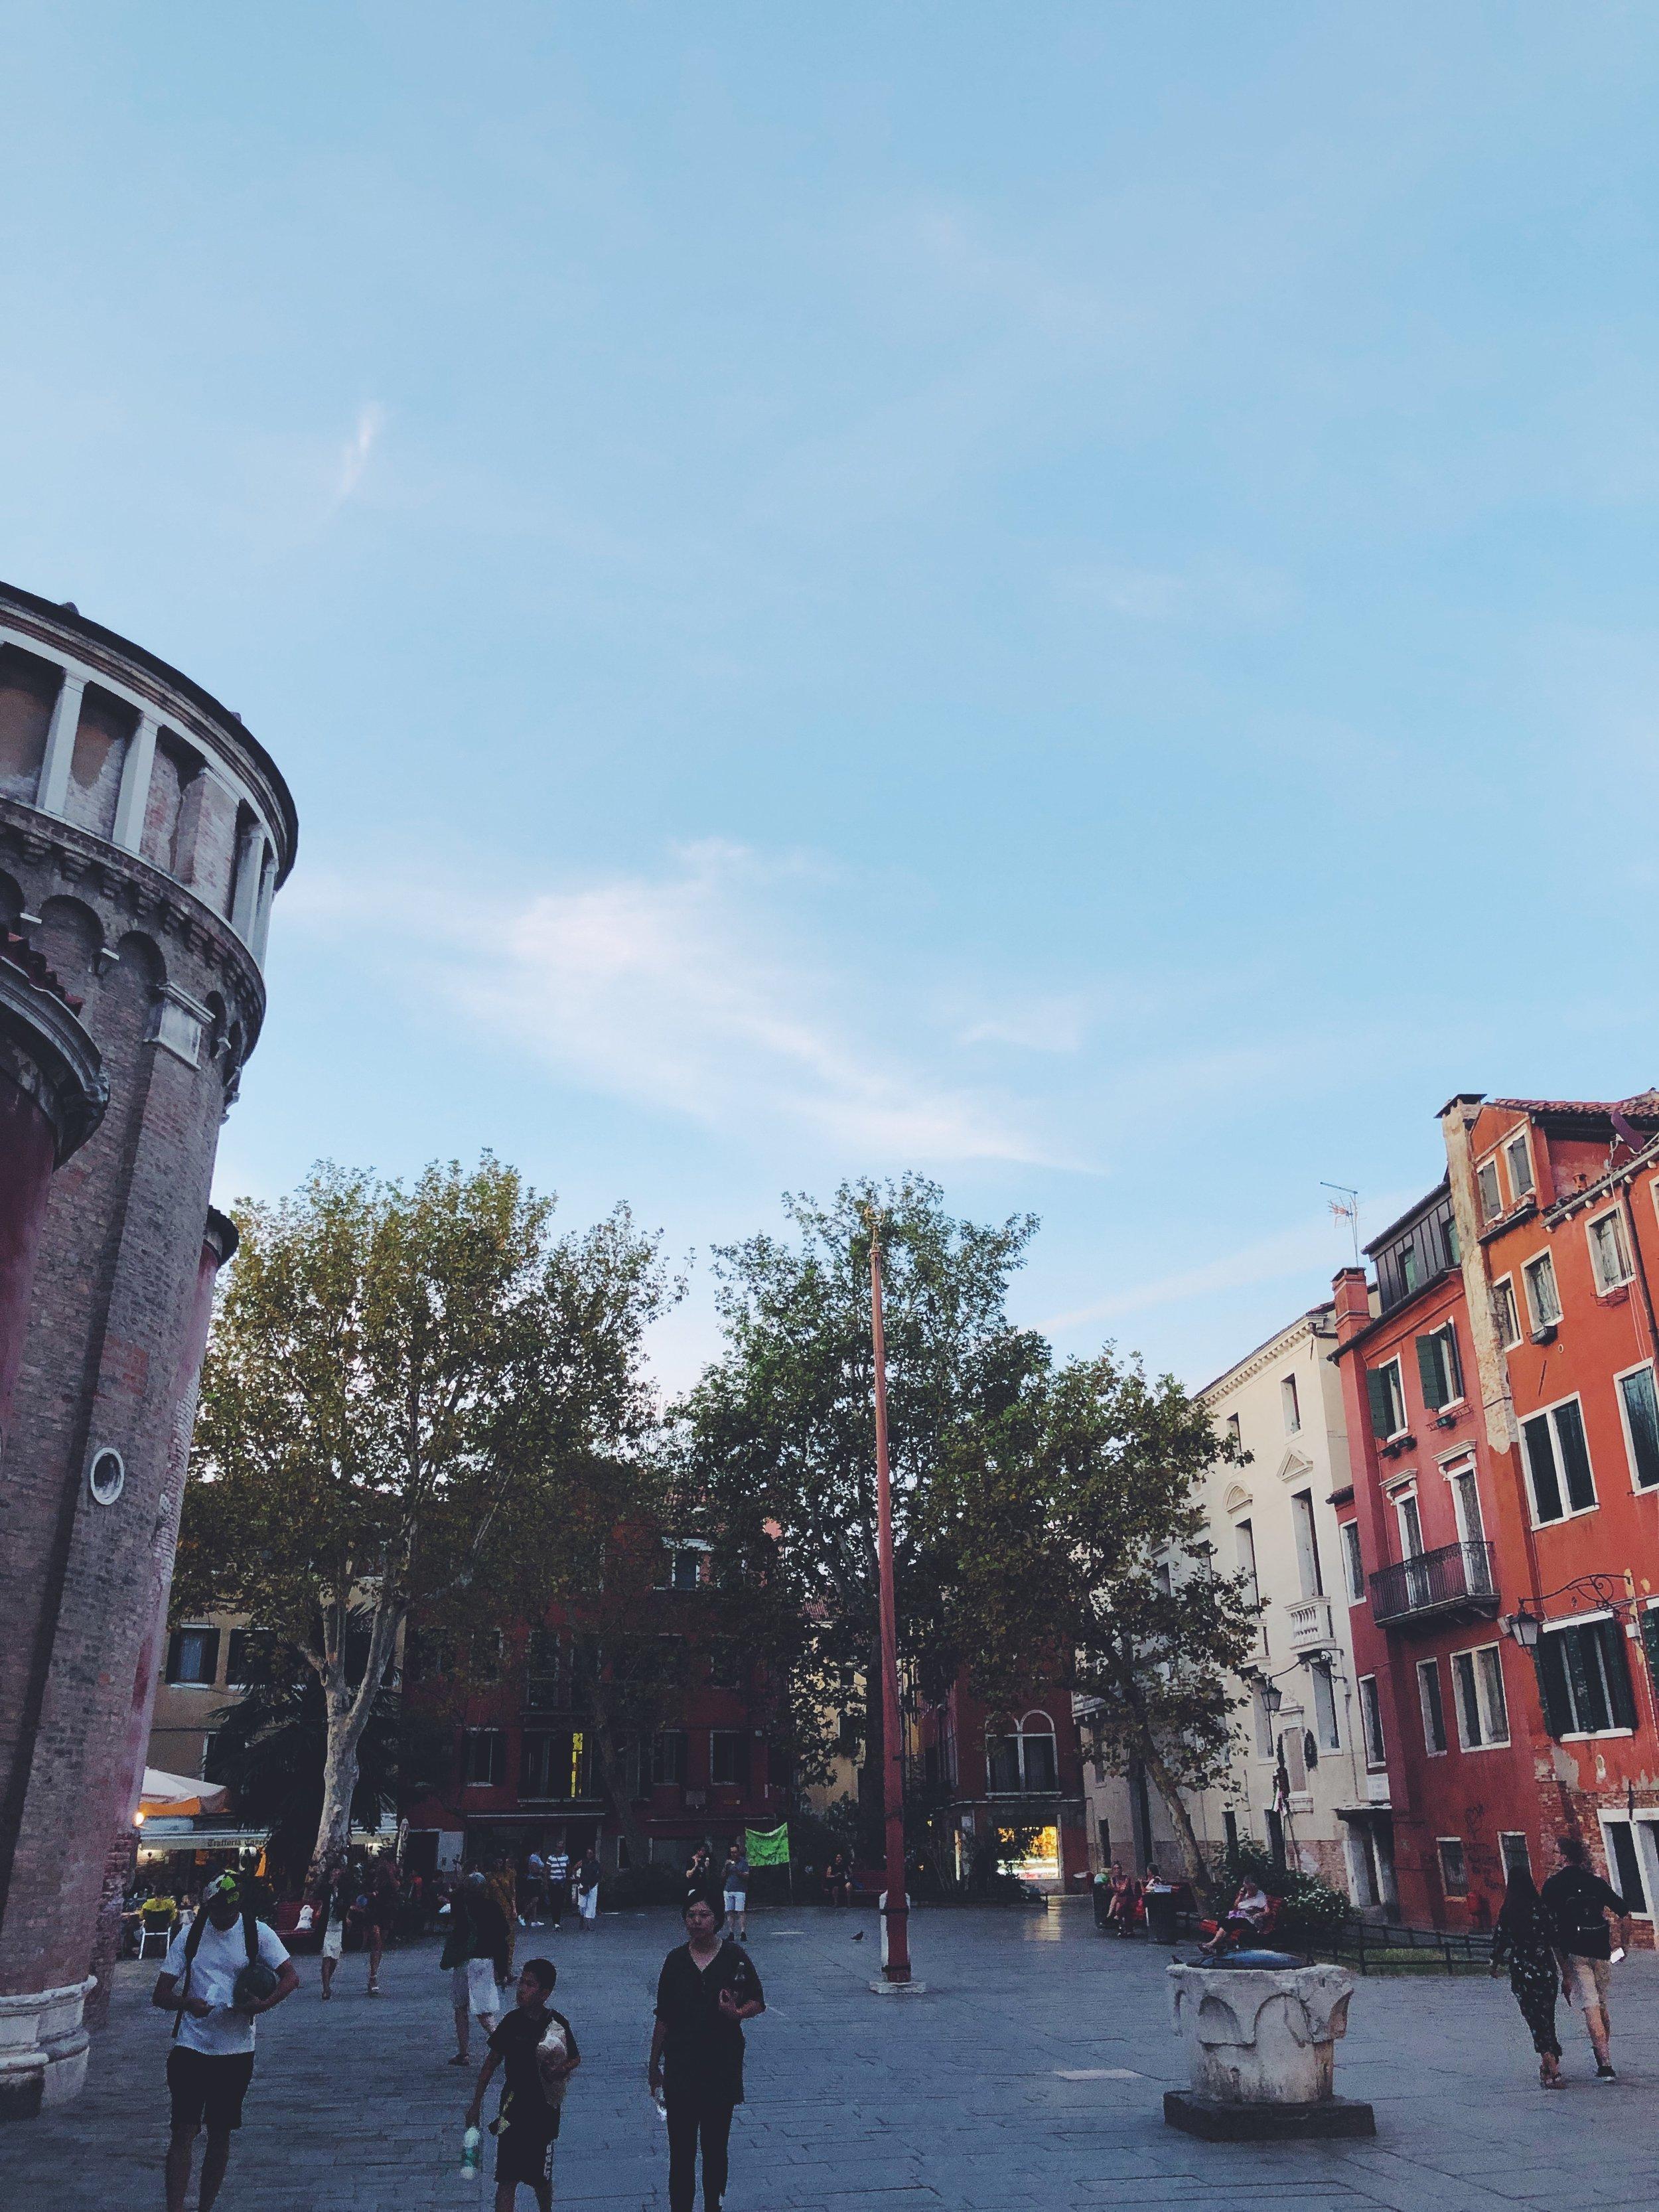 A Square in the Venice District of Santa Croce